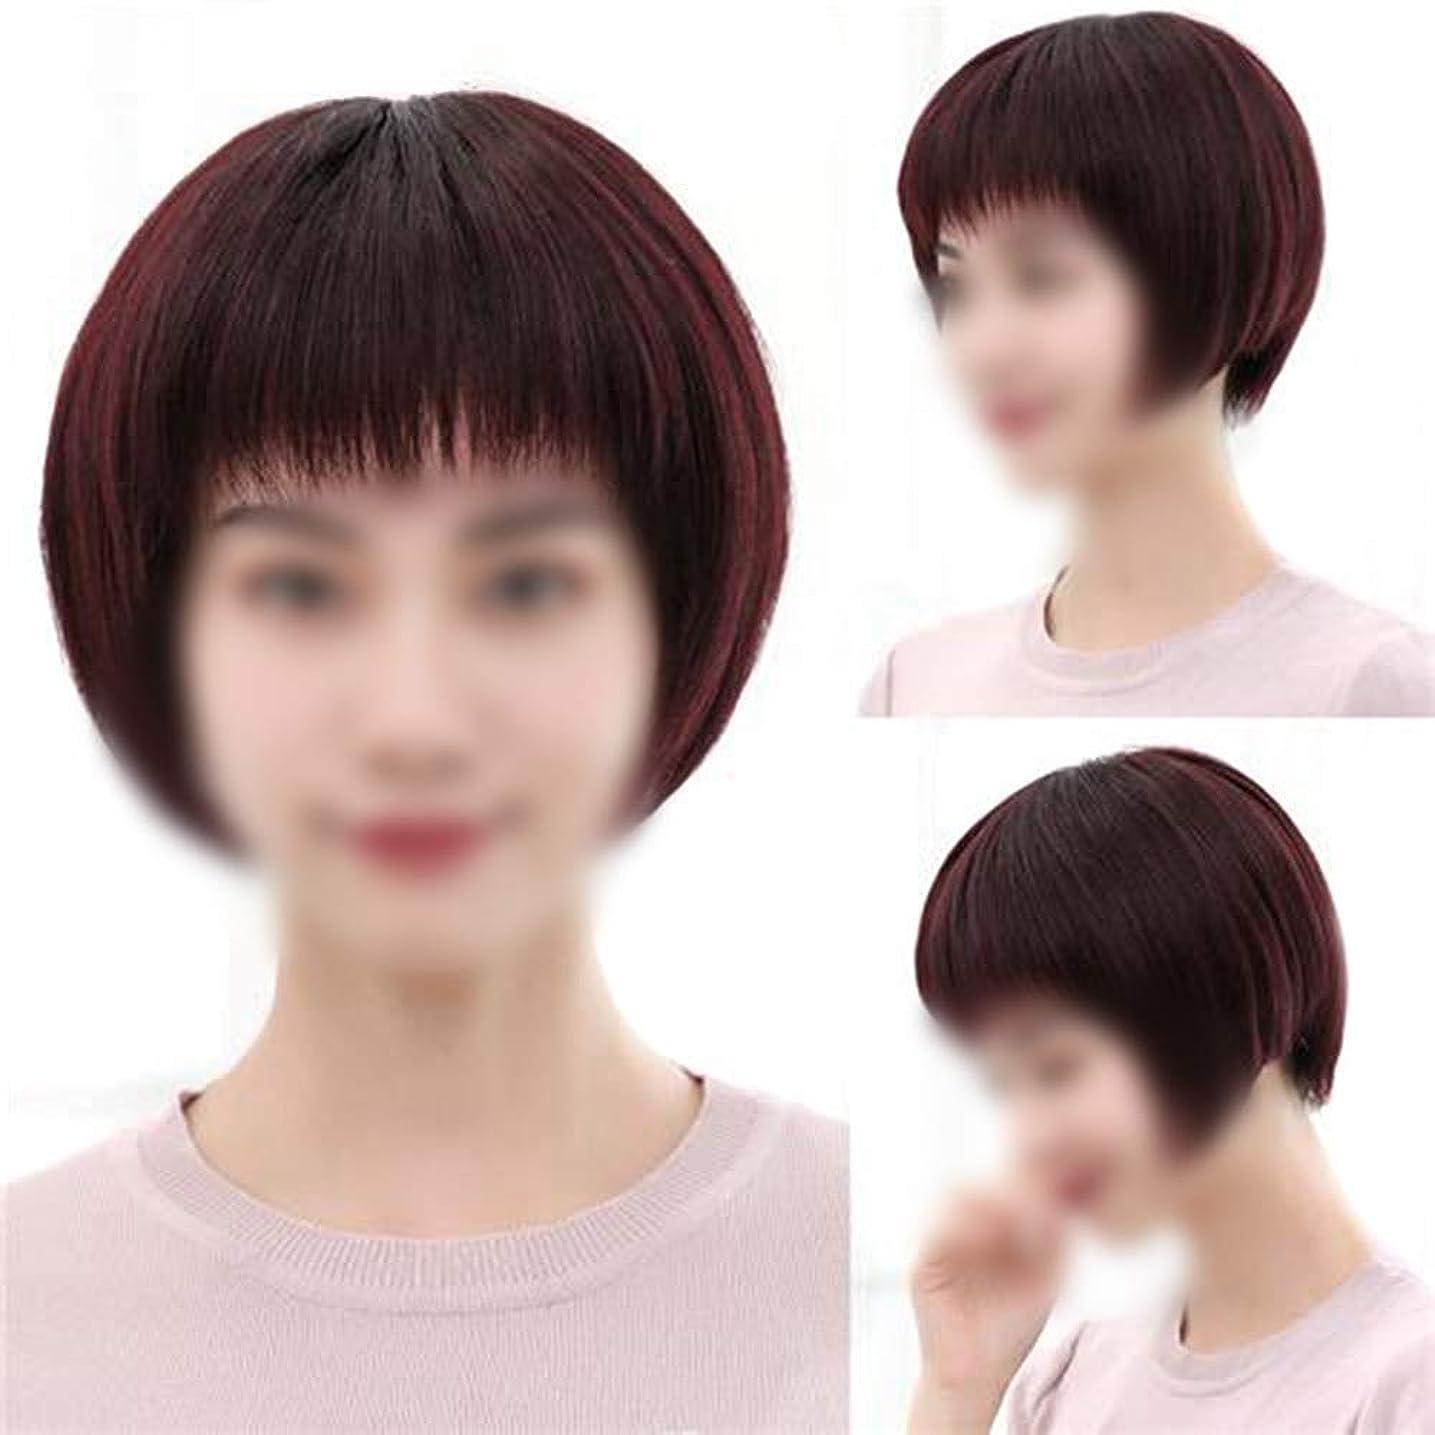 均等に悩み差YAHONGOE ボブショートストレートヘアフルハンドウィッグリアルヘアウィッグ中年ウィッグファッションウィッグ (色 : Dark brown)